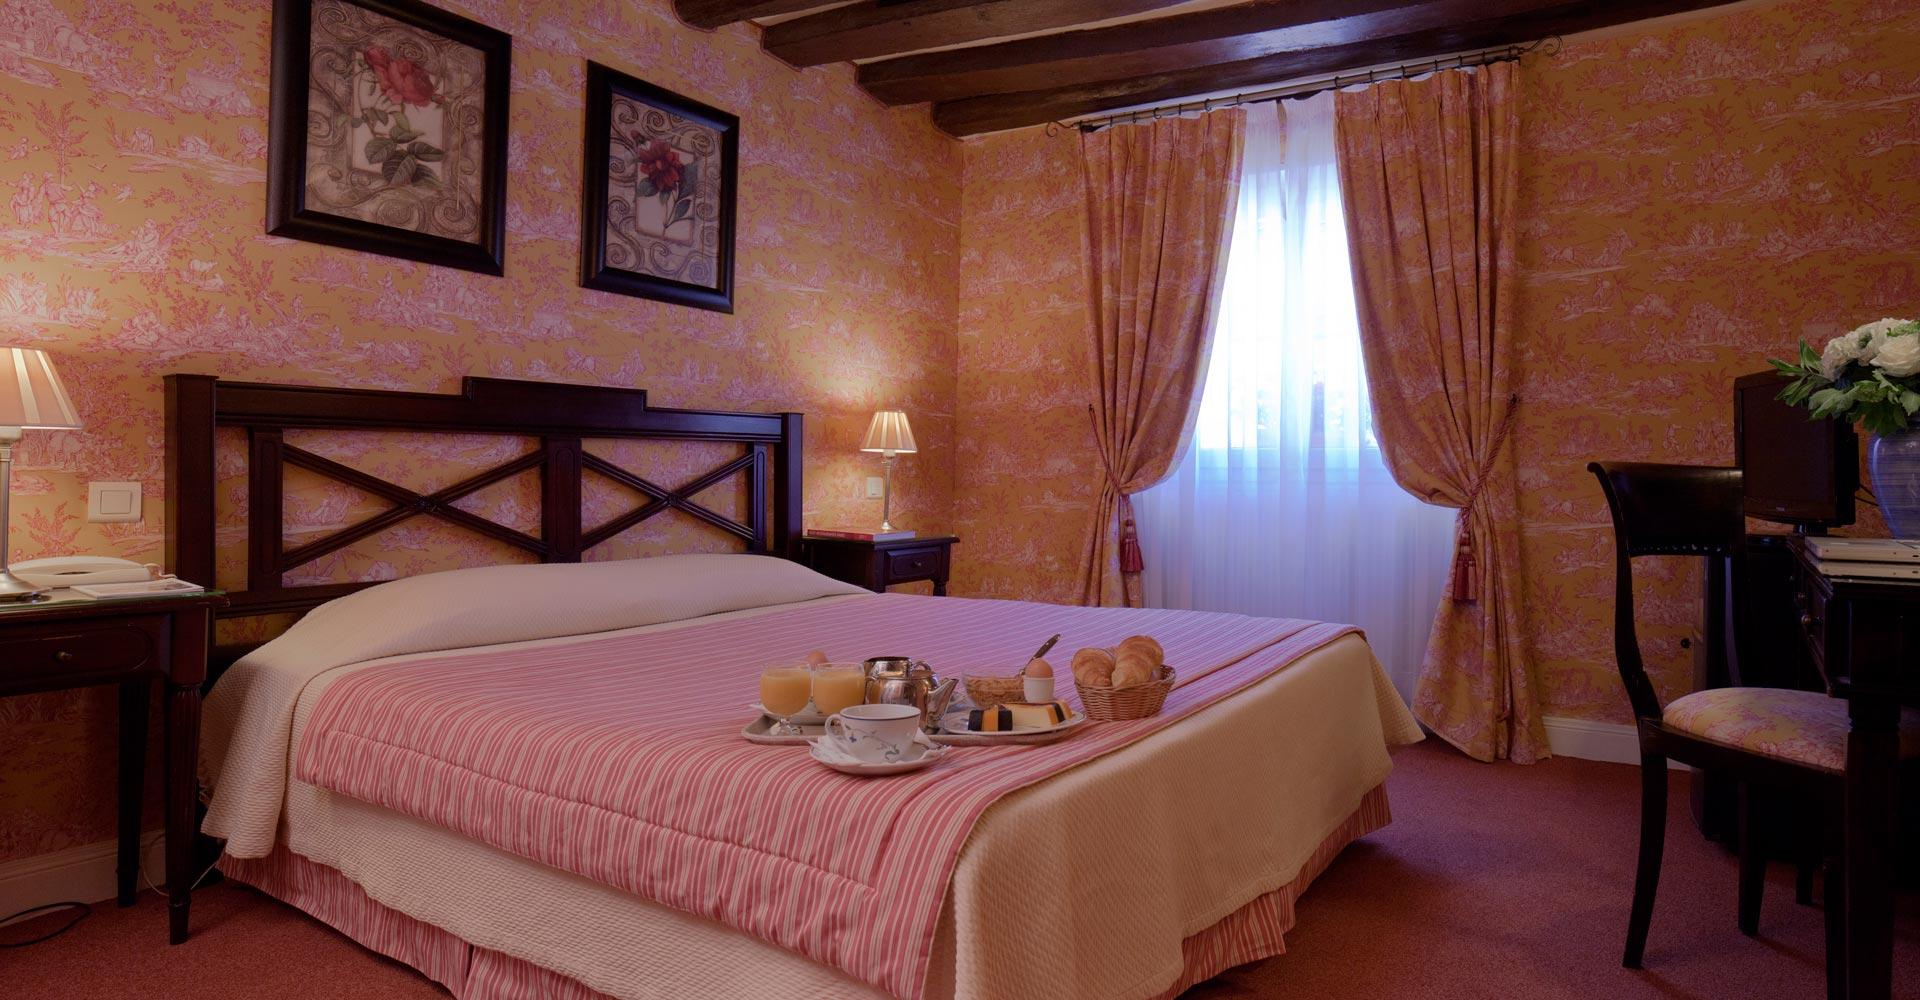 Hotel-beaubourg-Paris_services---14